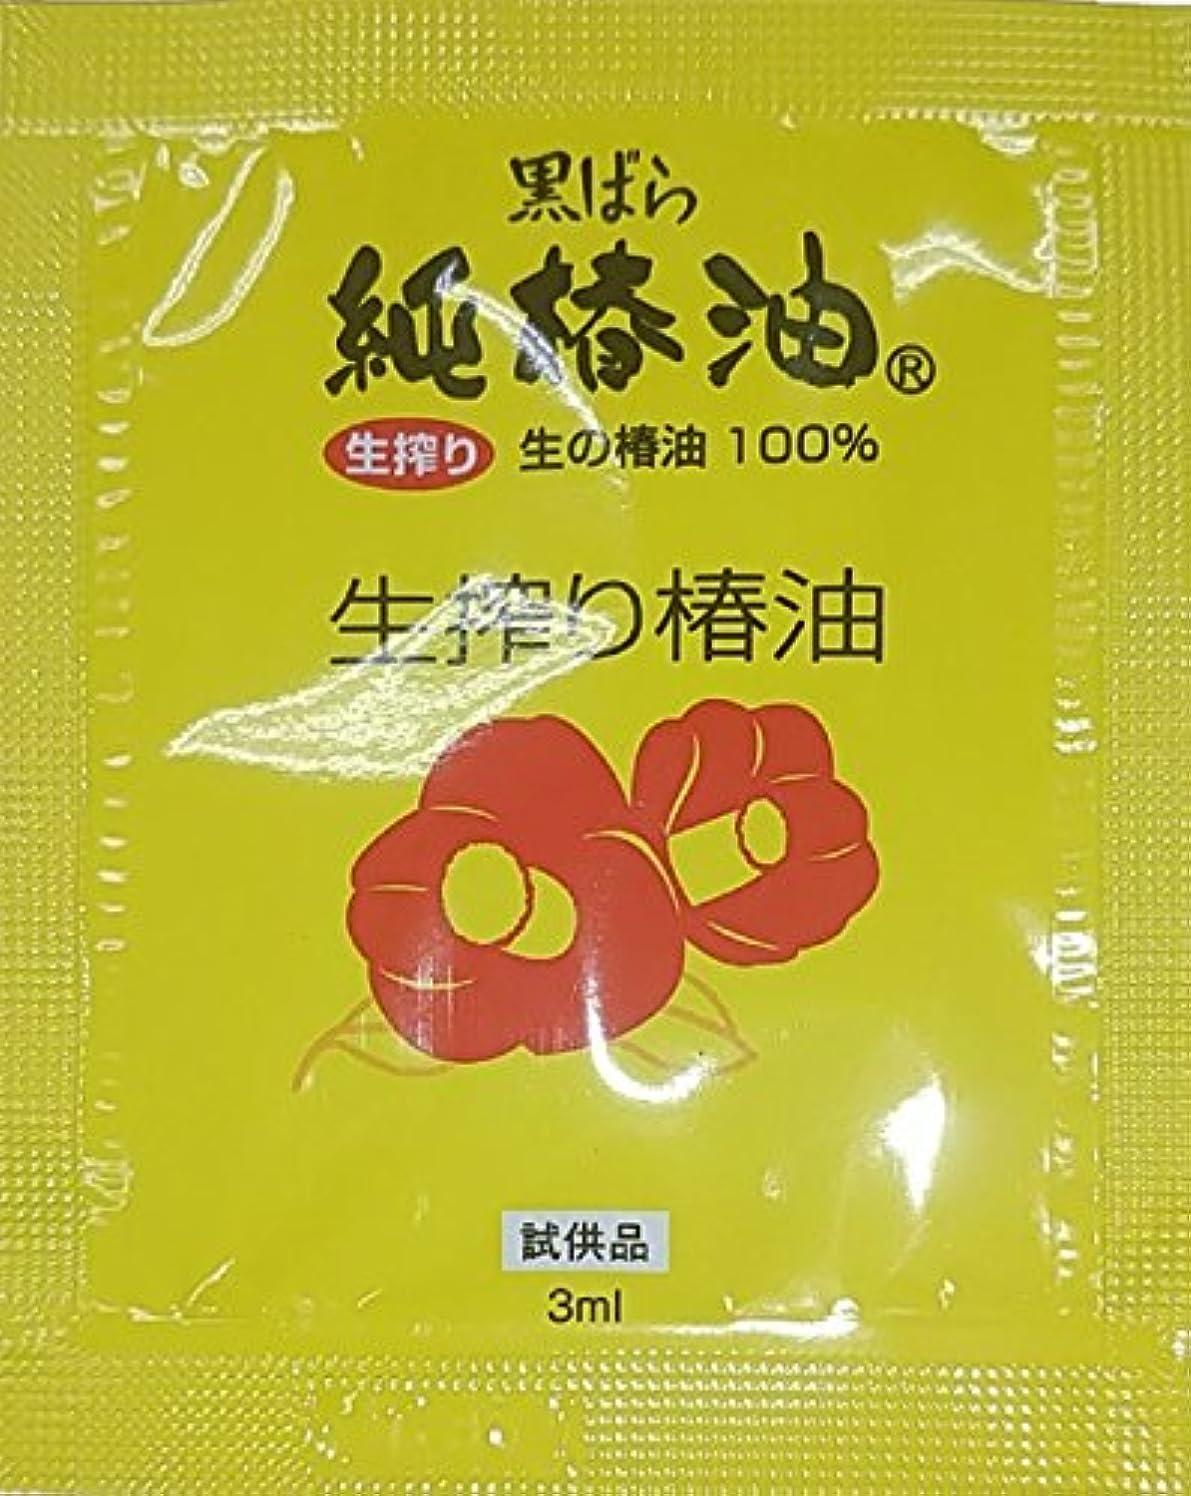 偽造富トレーダー純椿油ミニサイズ3ml【実質無料サンプルストア対象】